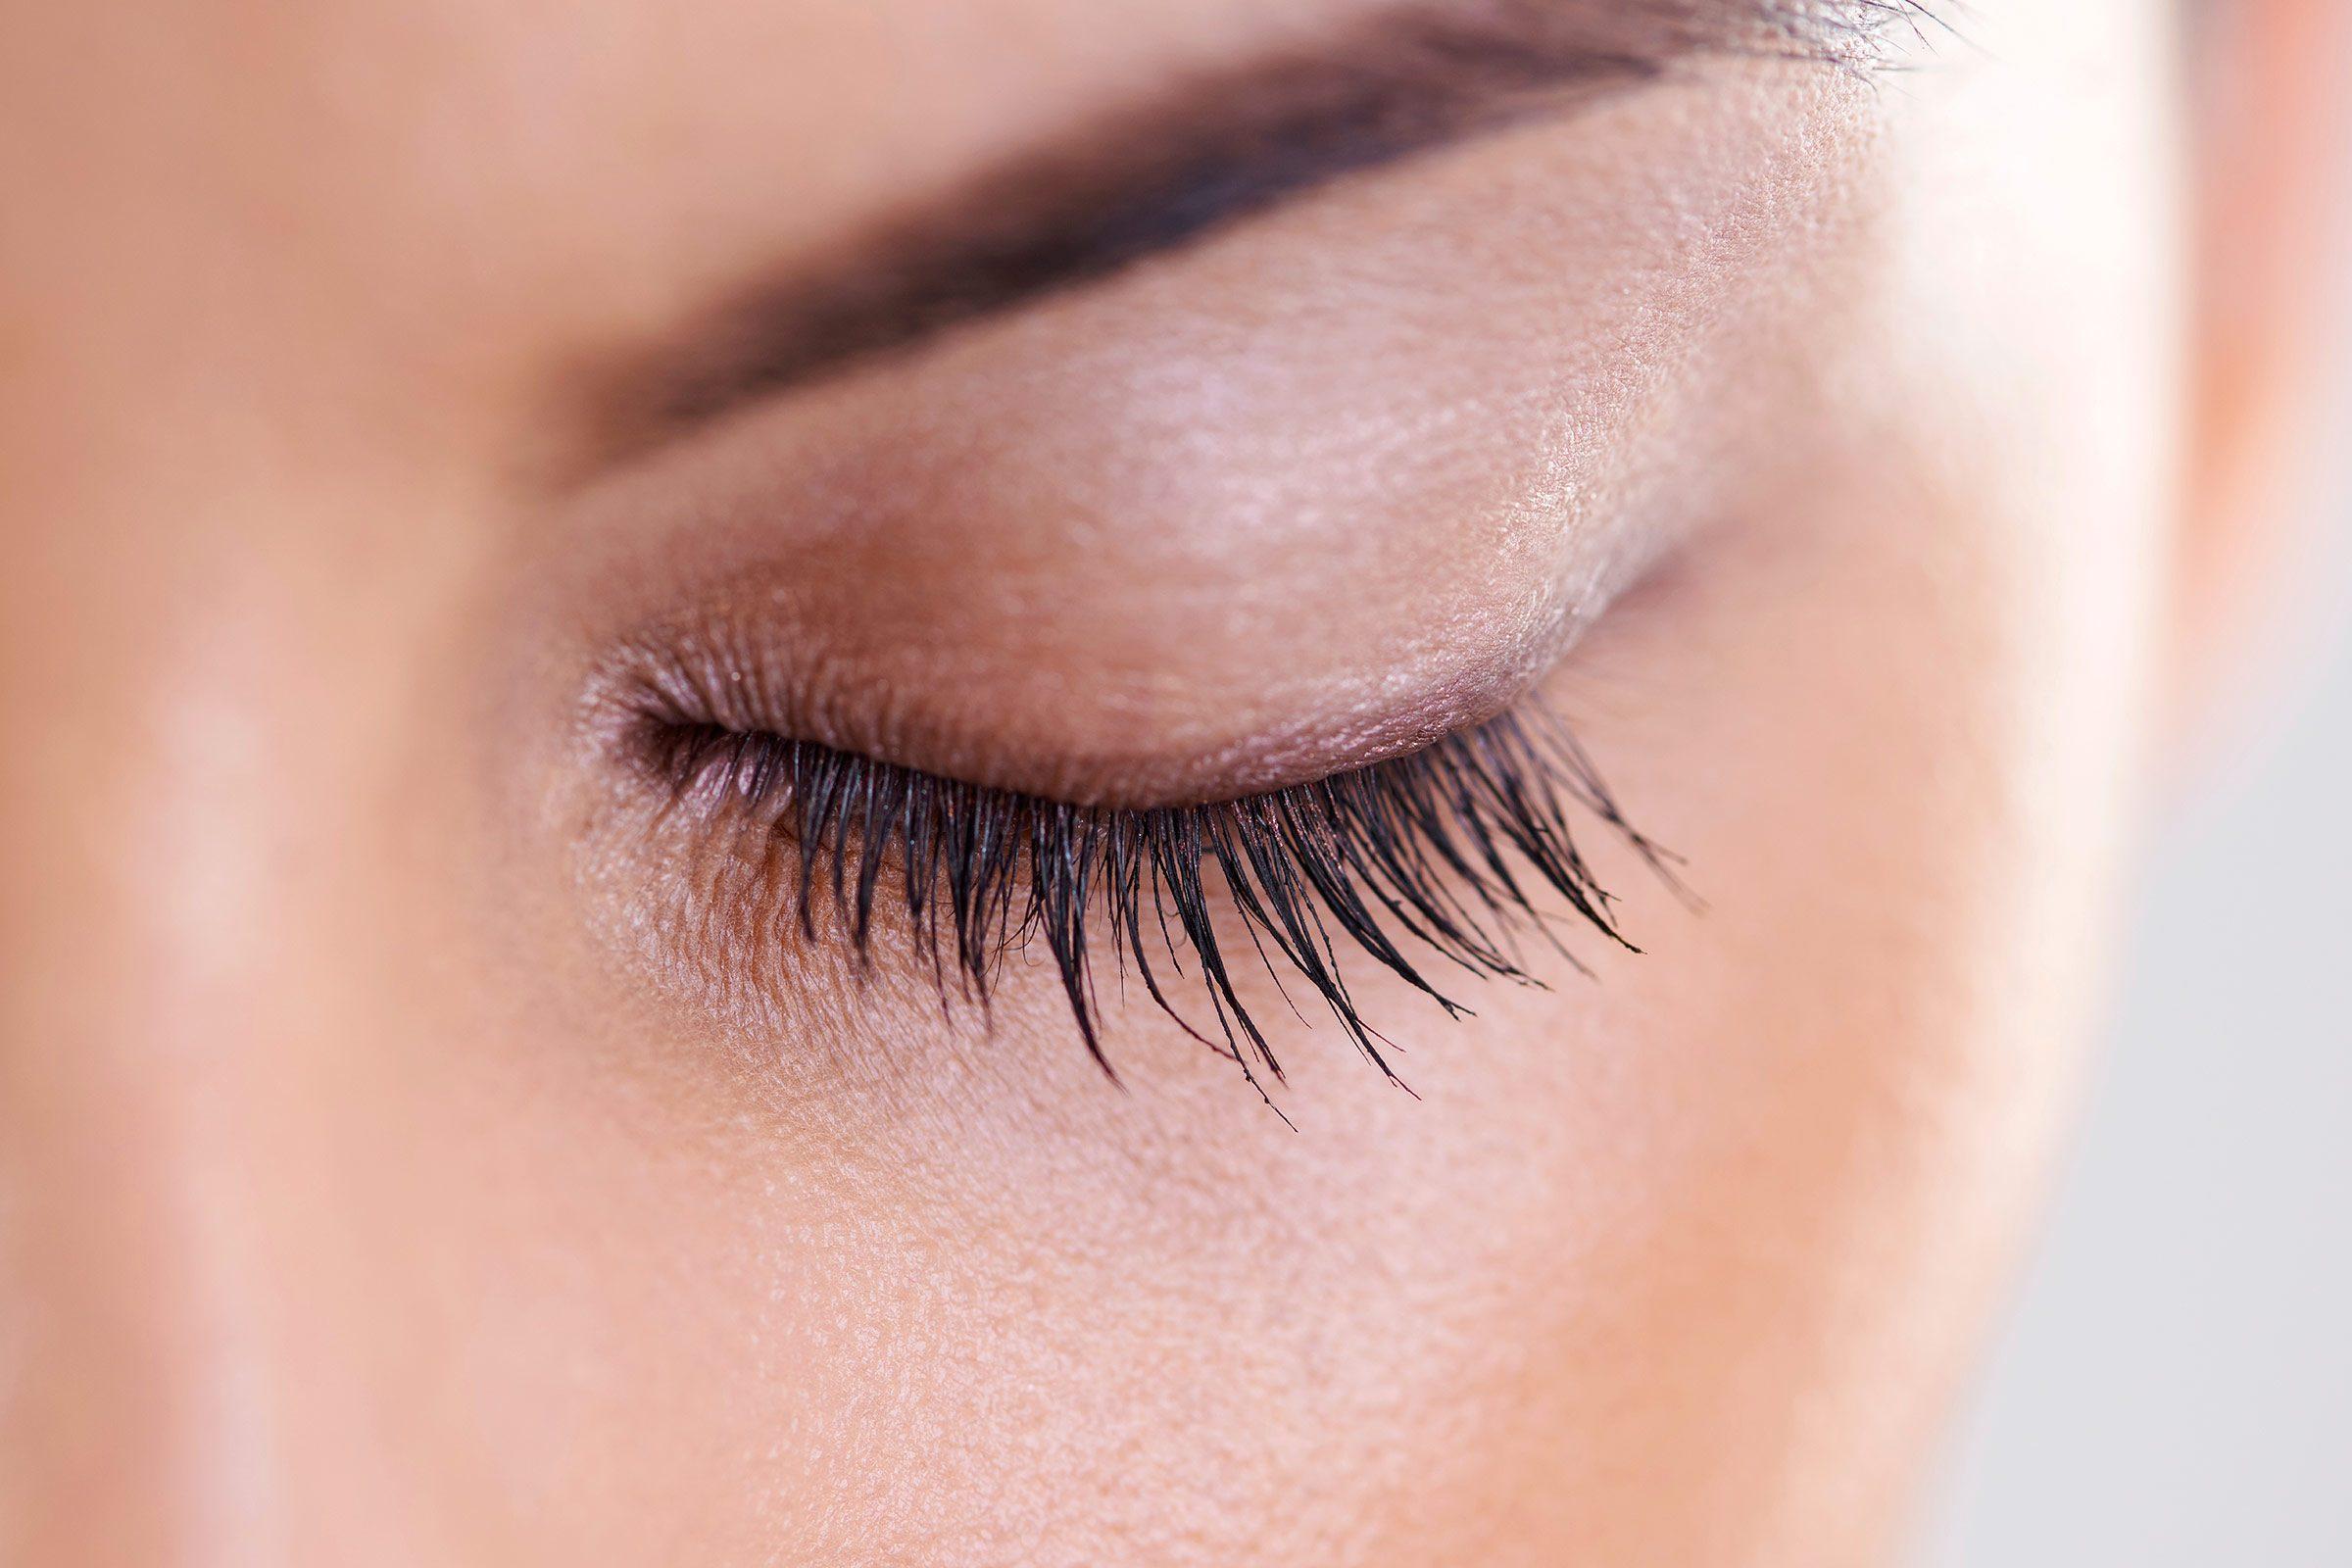 10. Brighten up your eyes